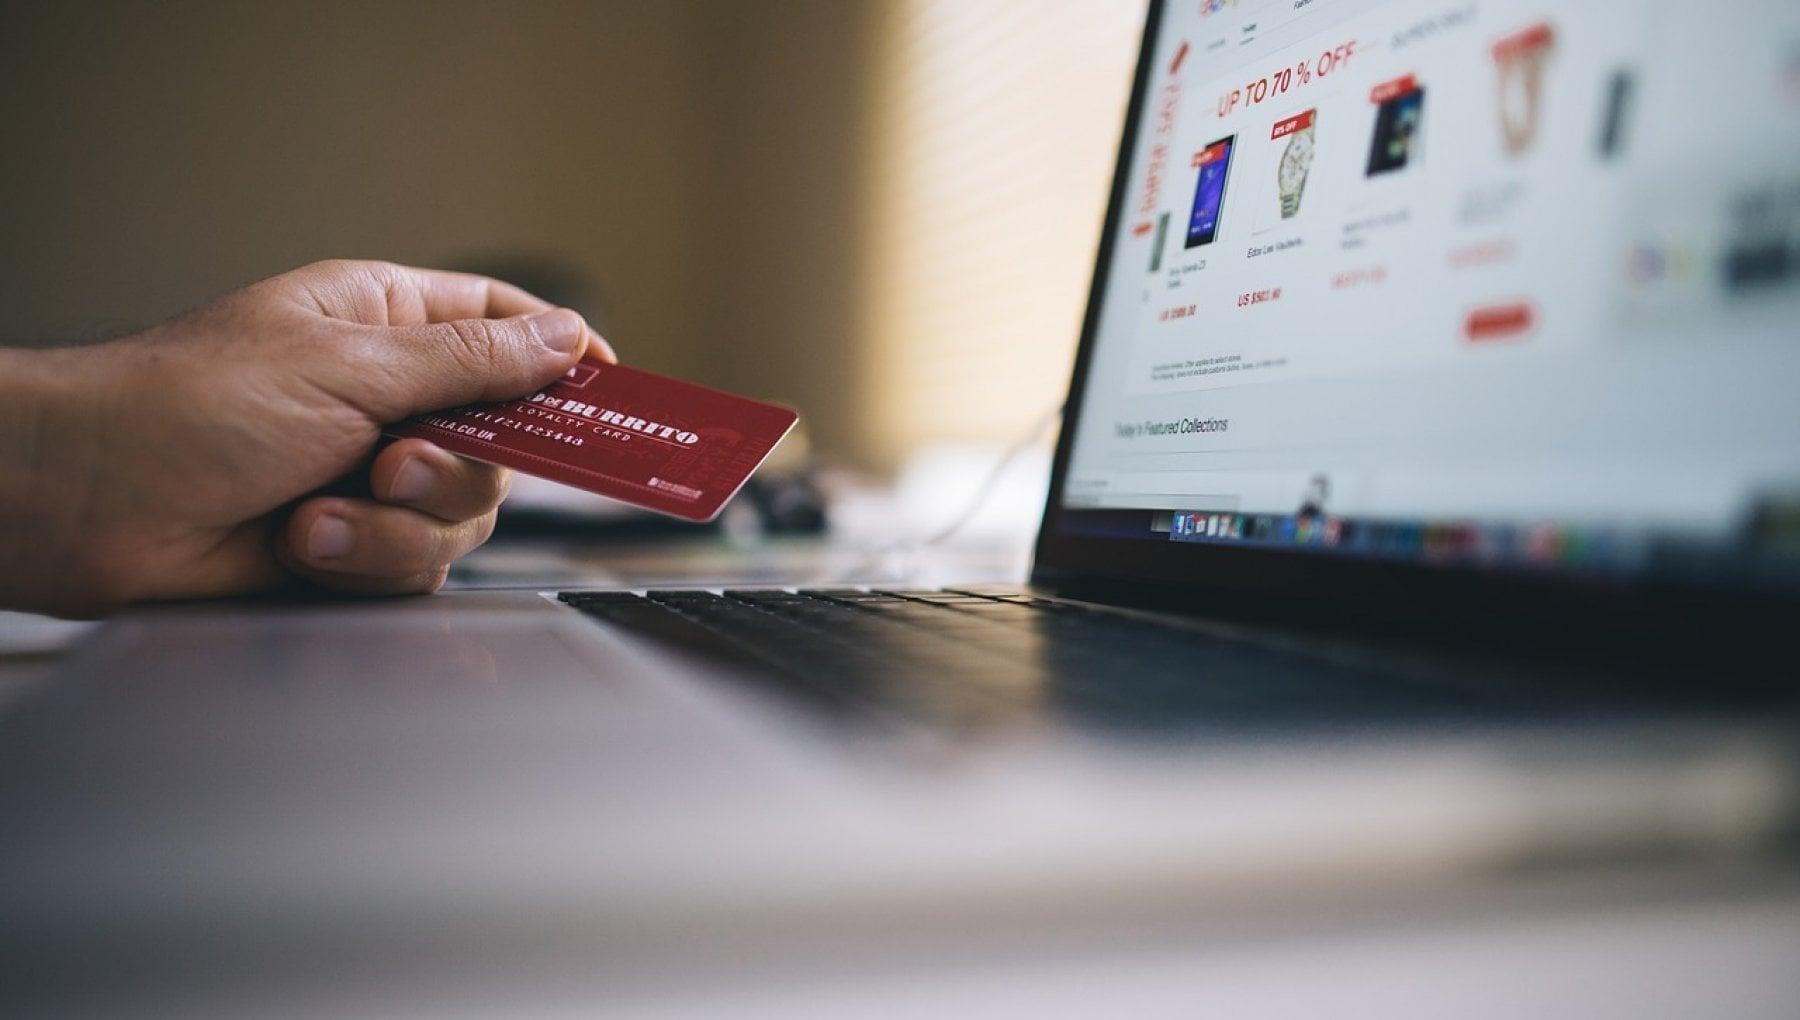 Doppia autenticazione per i pagamenti online la paura di una frenata negli acquisti